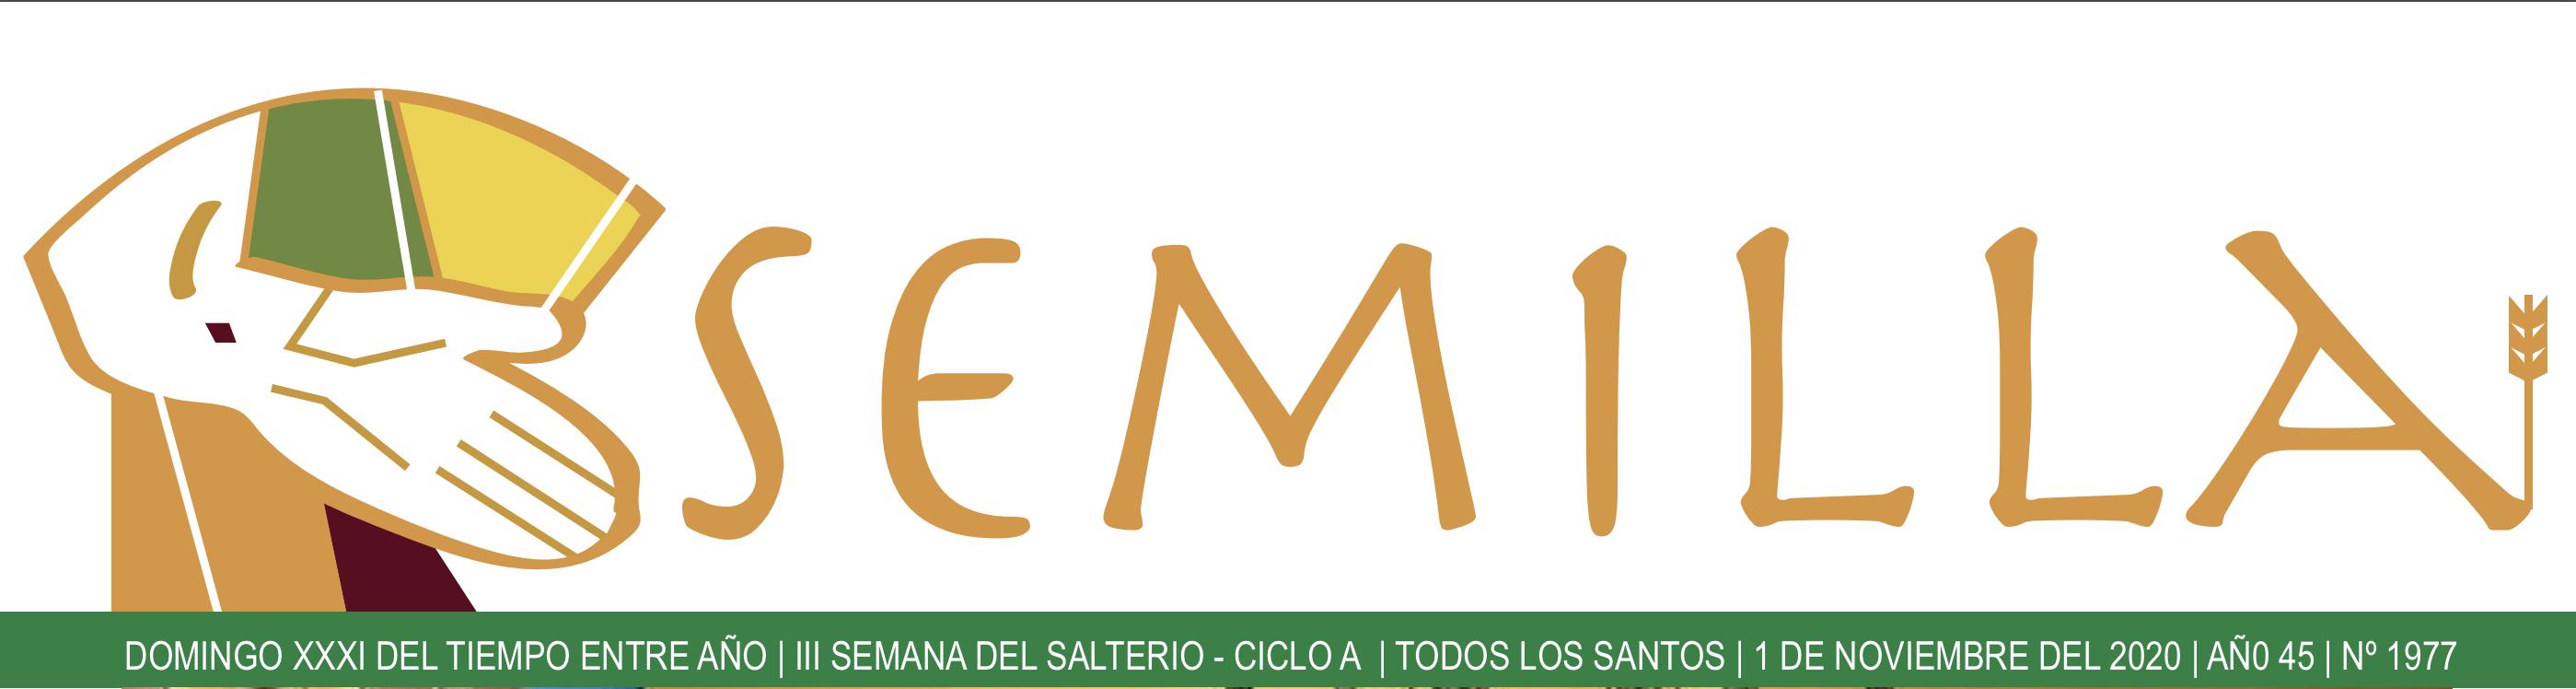 SEMILLA - 1 DE NOVIEMBRE DE 2020